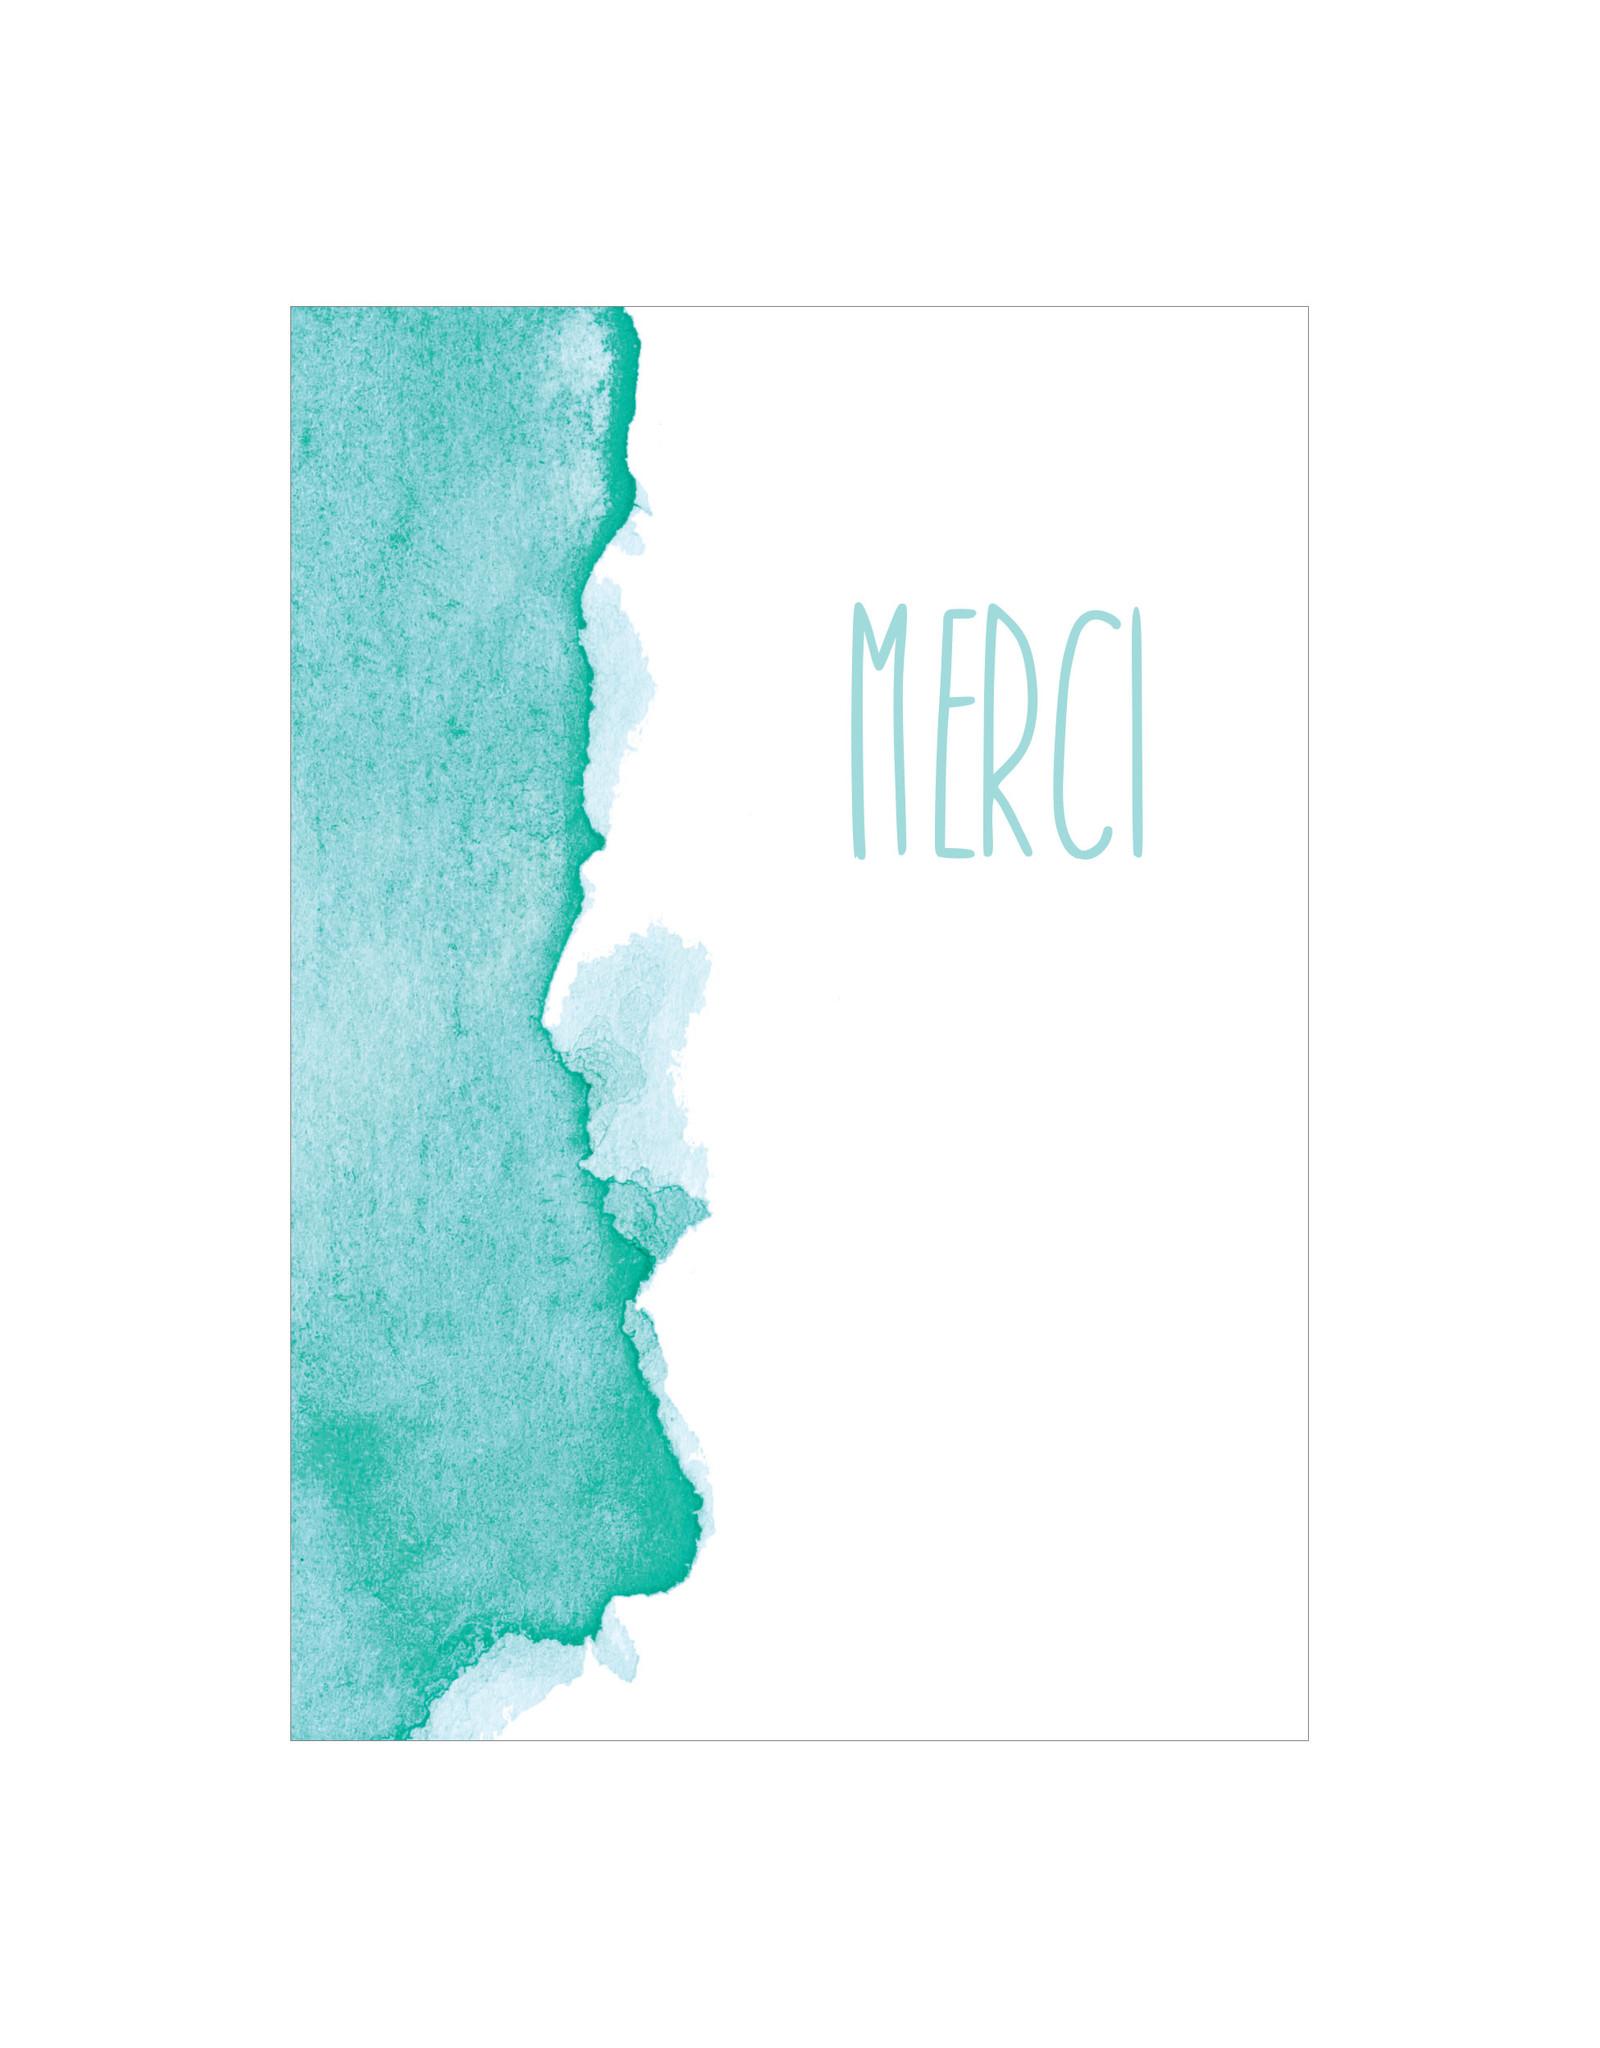 Postkaart Merci